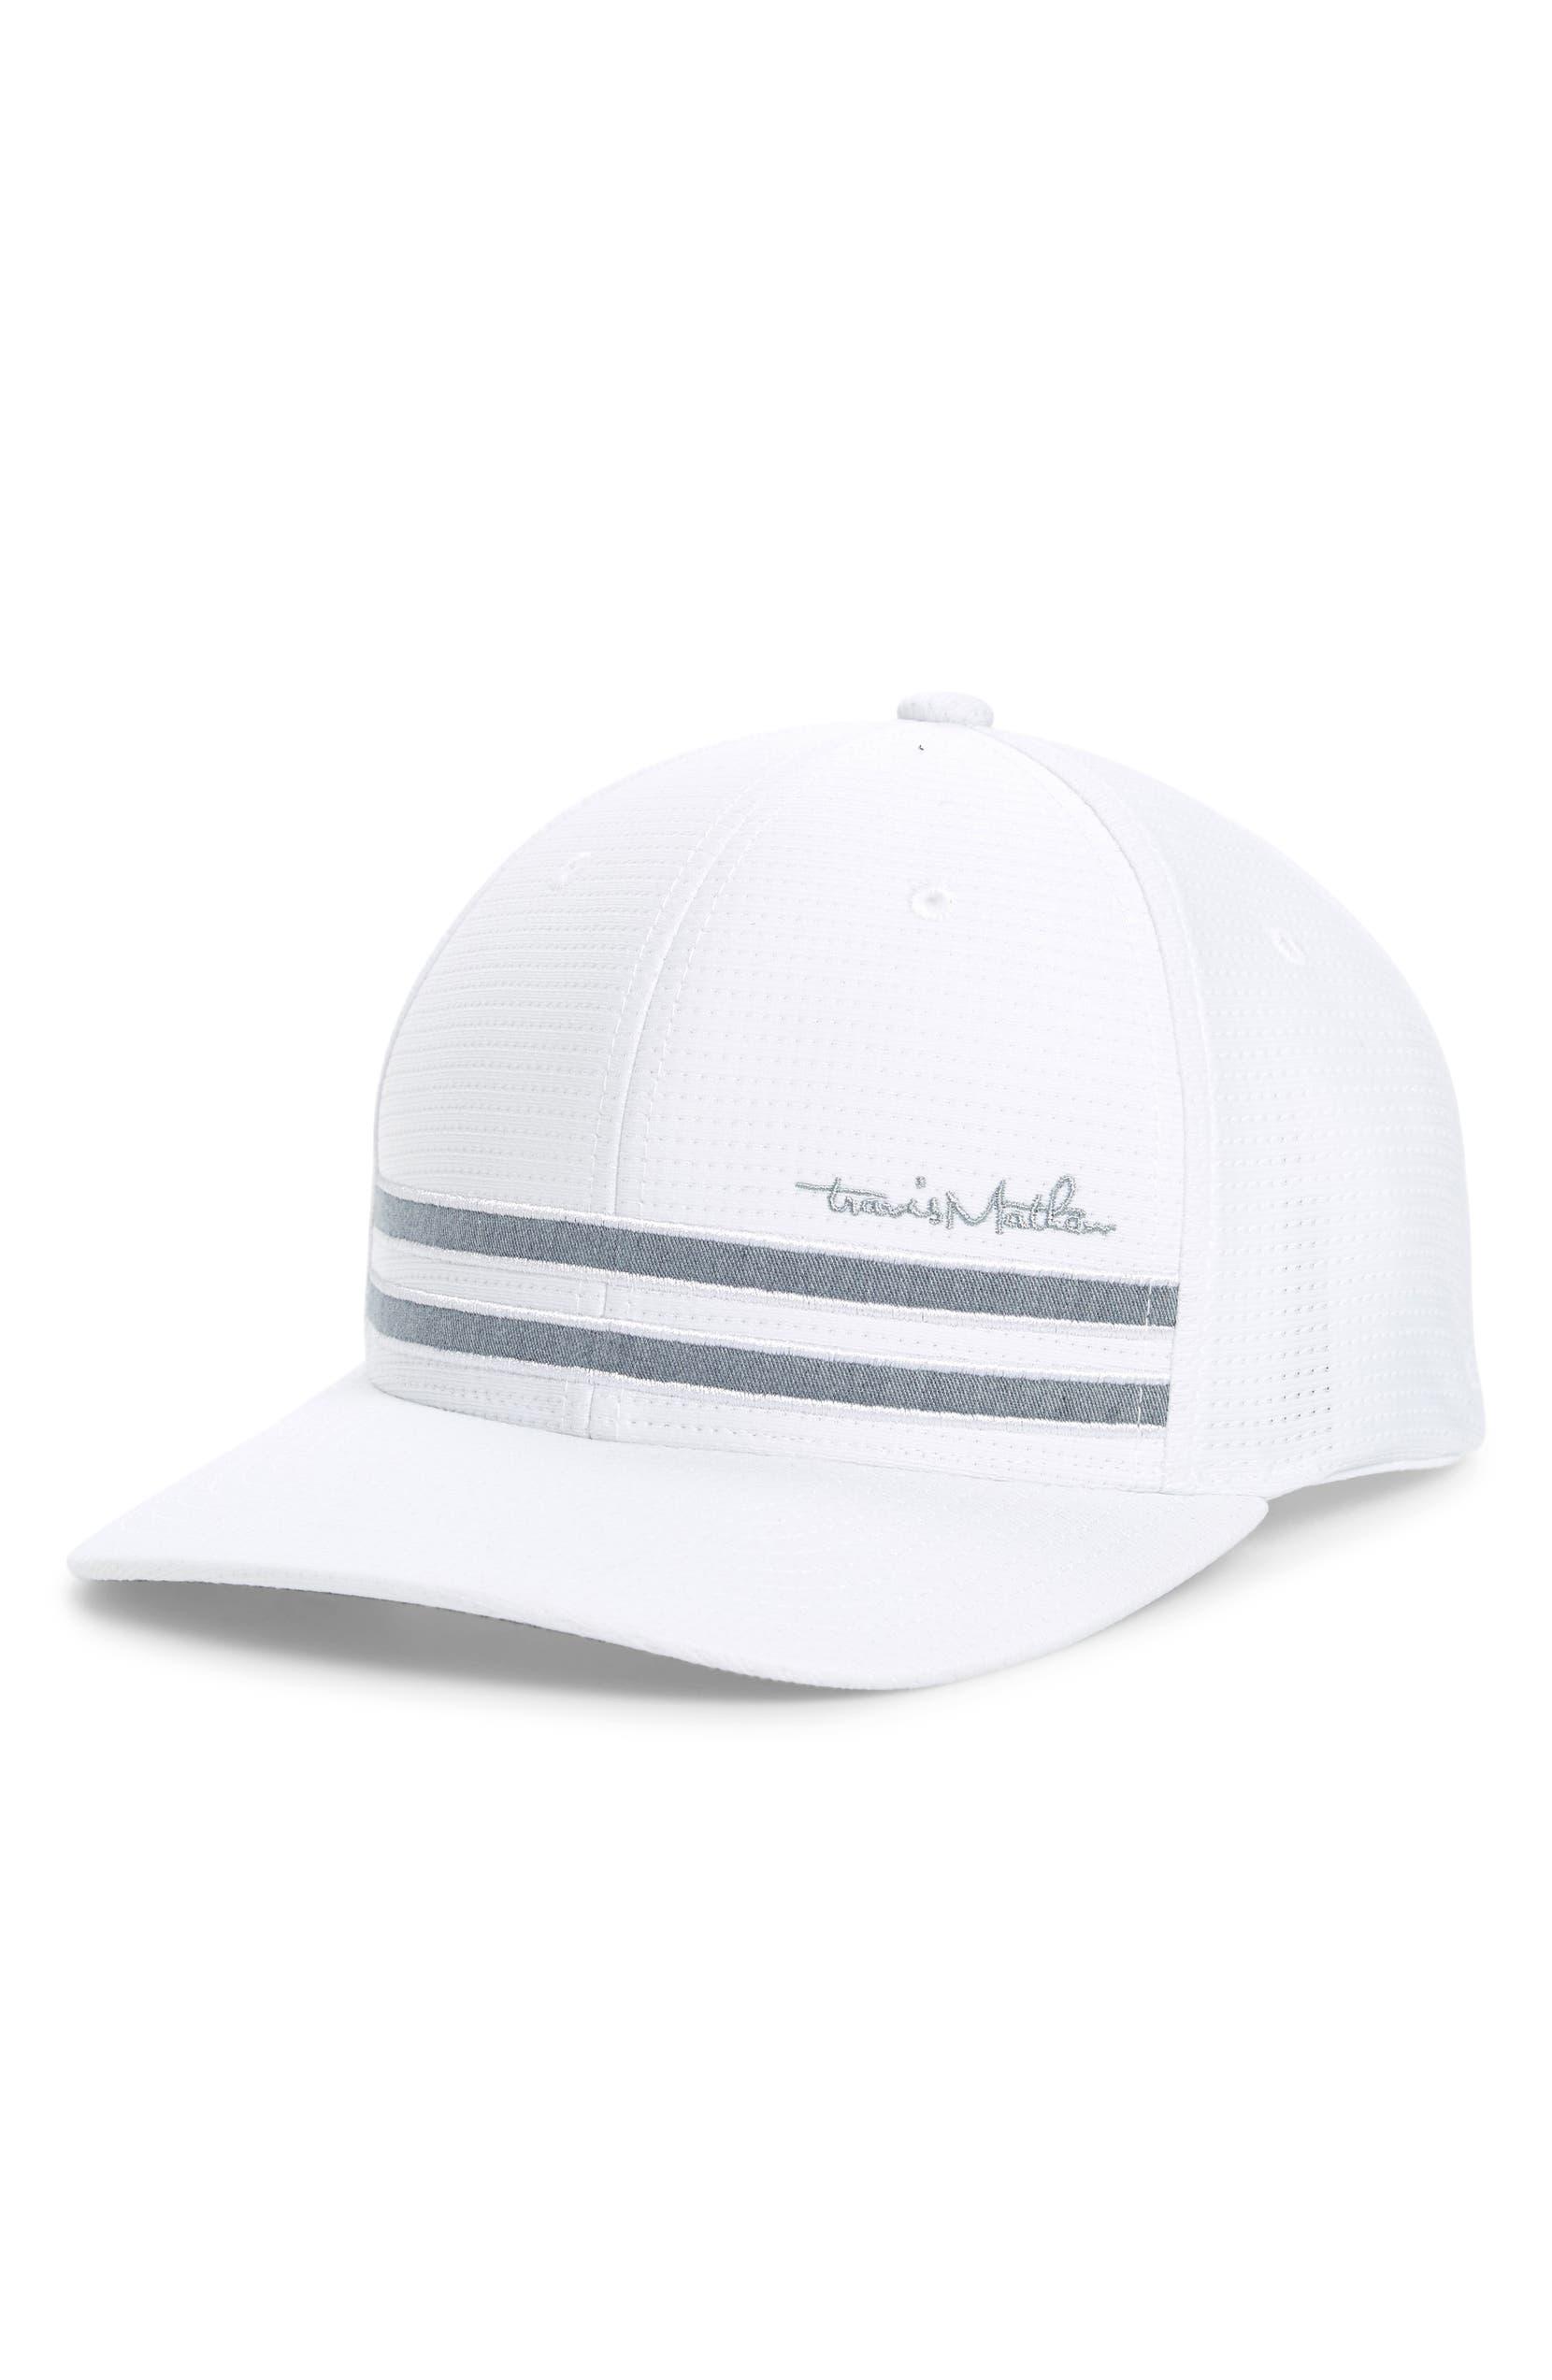 Travis Mathew Hout Golfer Cap  406d5da9d3df